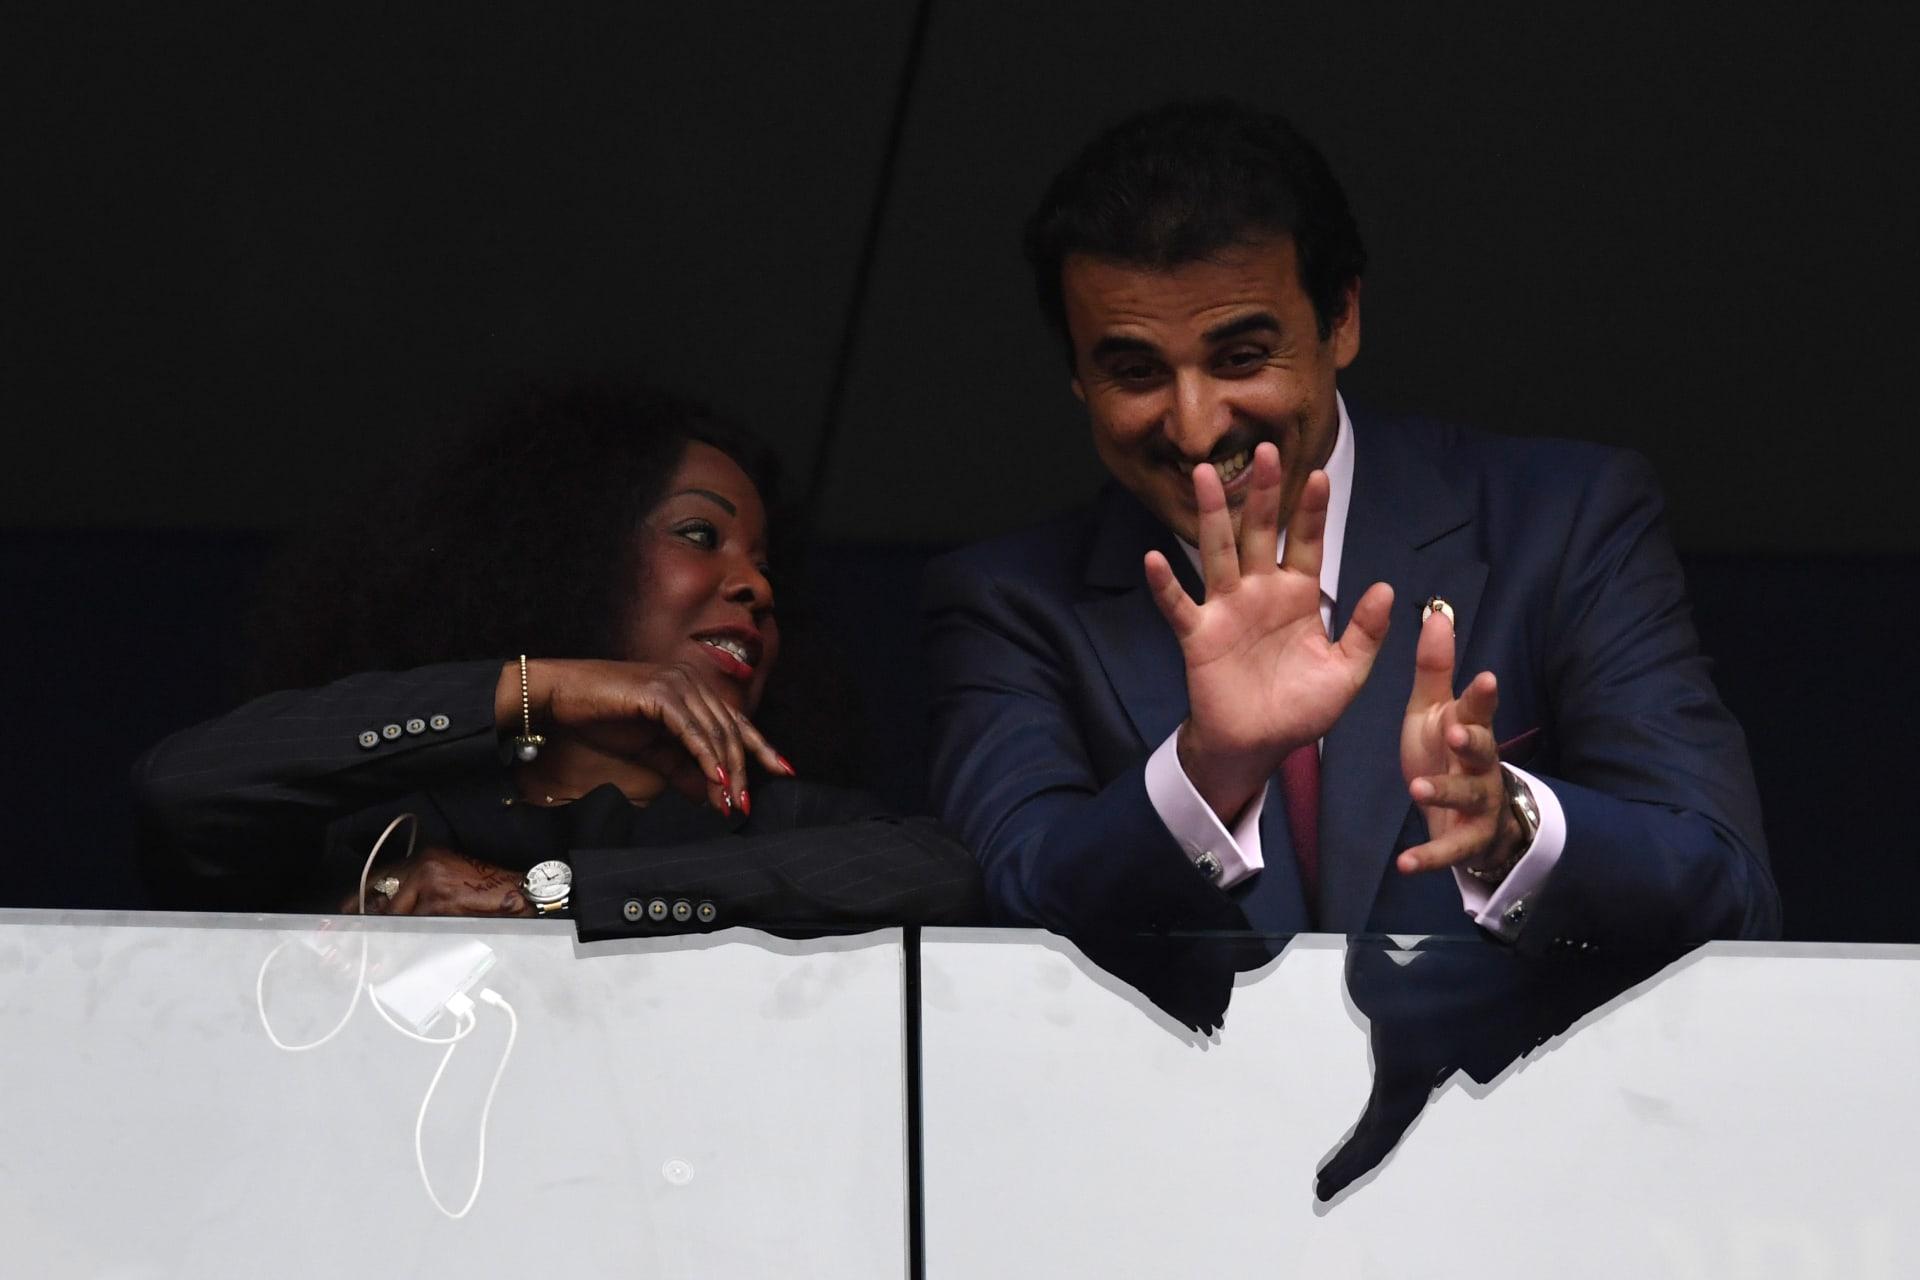 كيف علق أمير قطر على وصول منتخب بلاده لنصف نهائي كأس آسيا؟